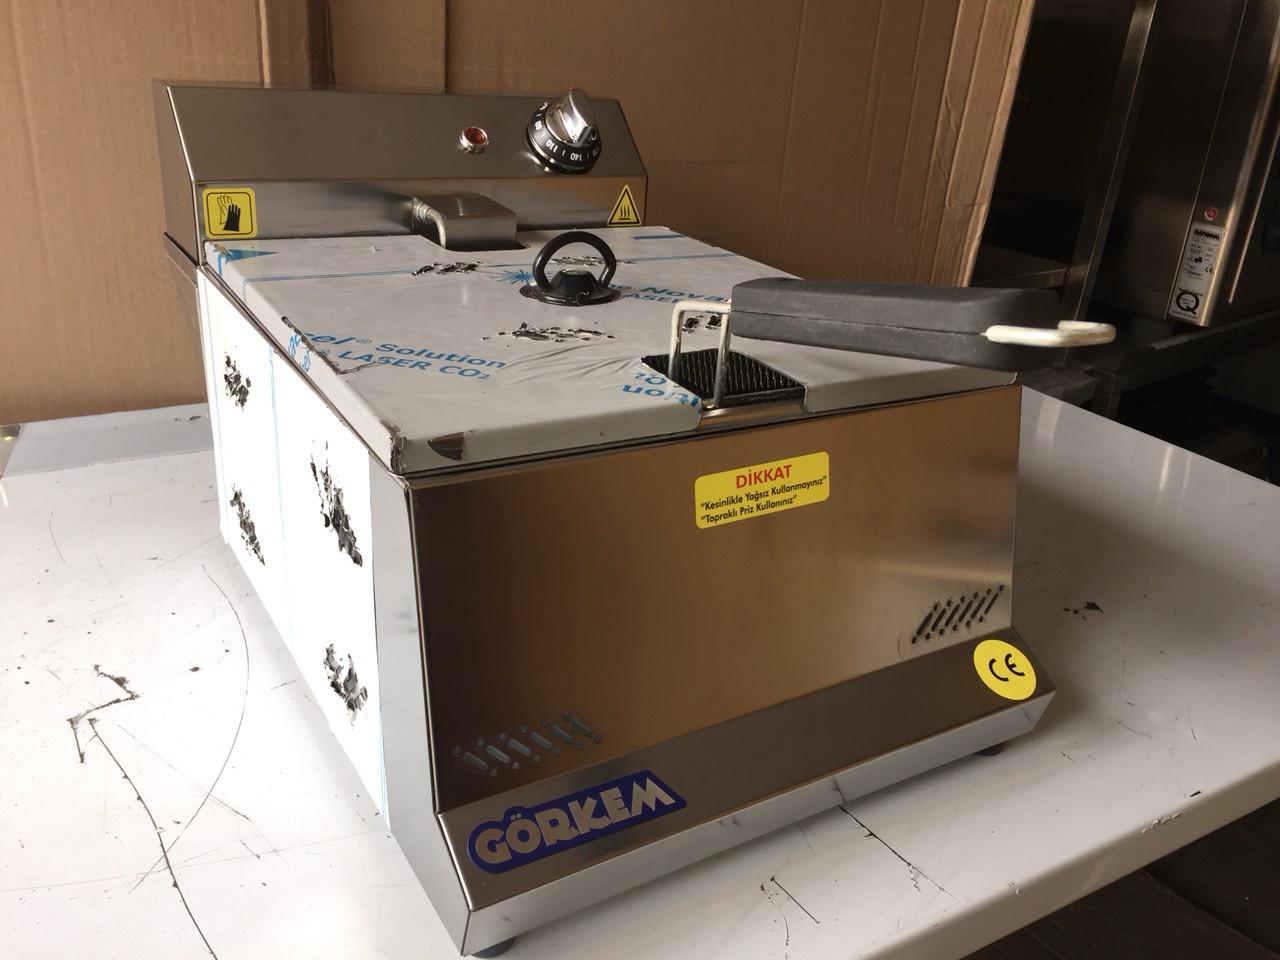 Görkem: Фритюрница электрическая фритюр Görkem FE 80 (8 литров)